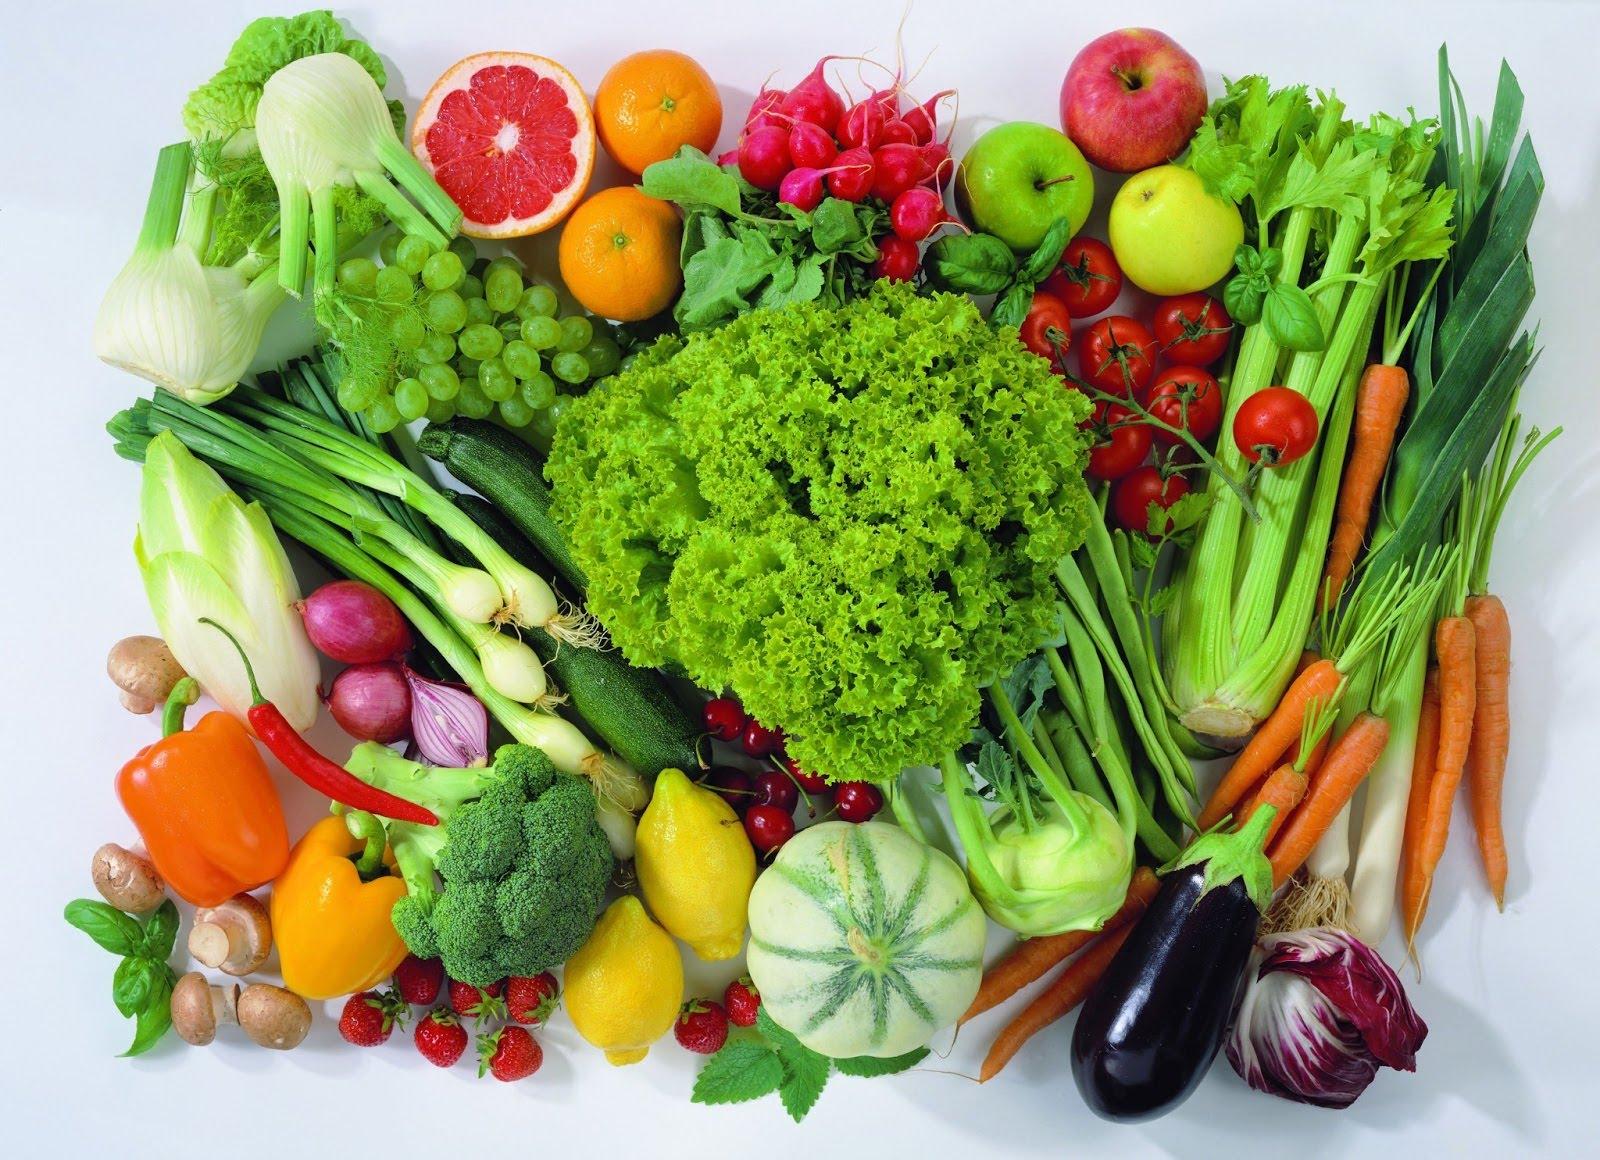 ngăn ngừa bệnh ung thư tuyến tụy nhờ rau quả